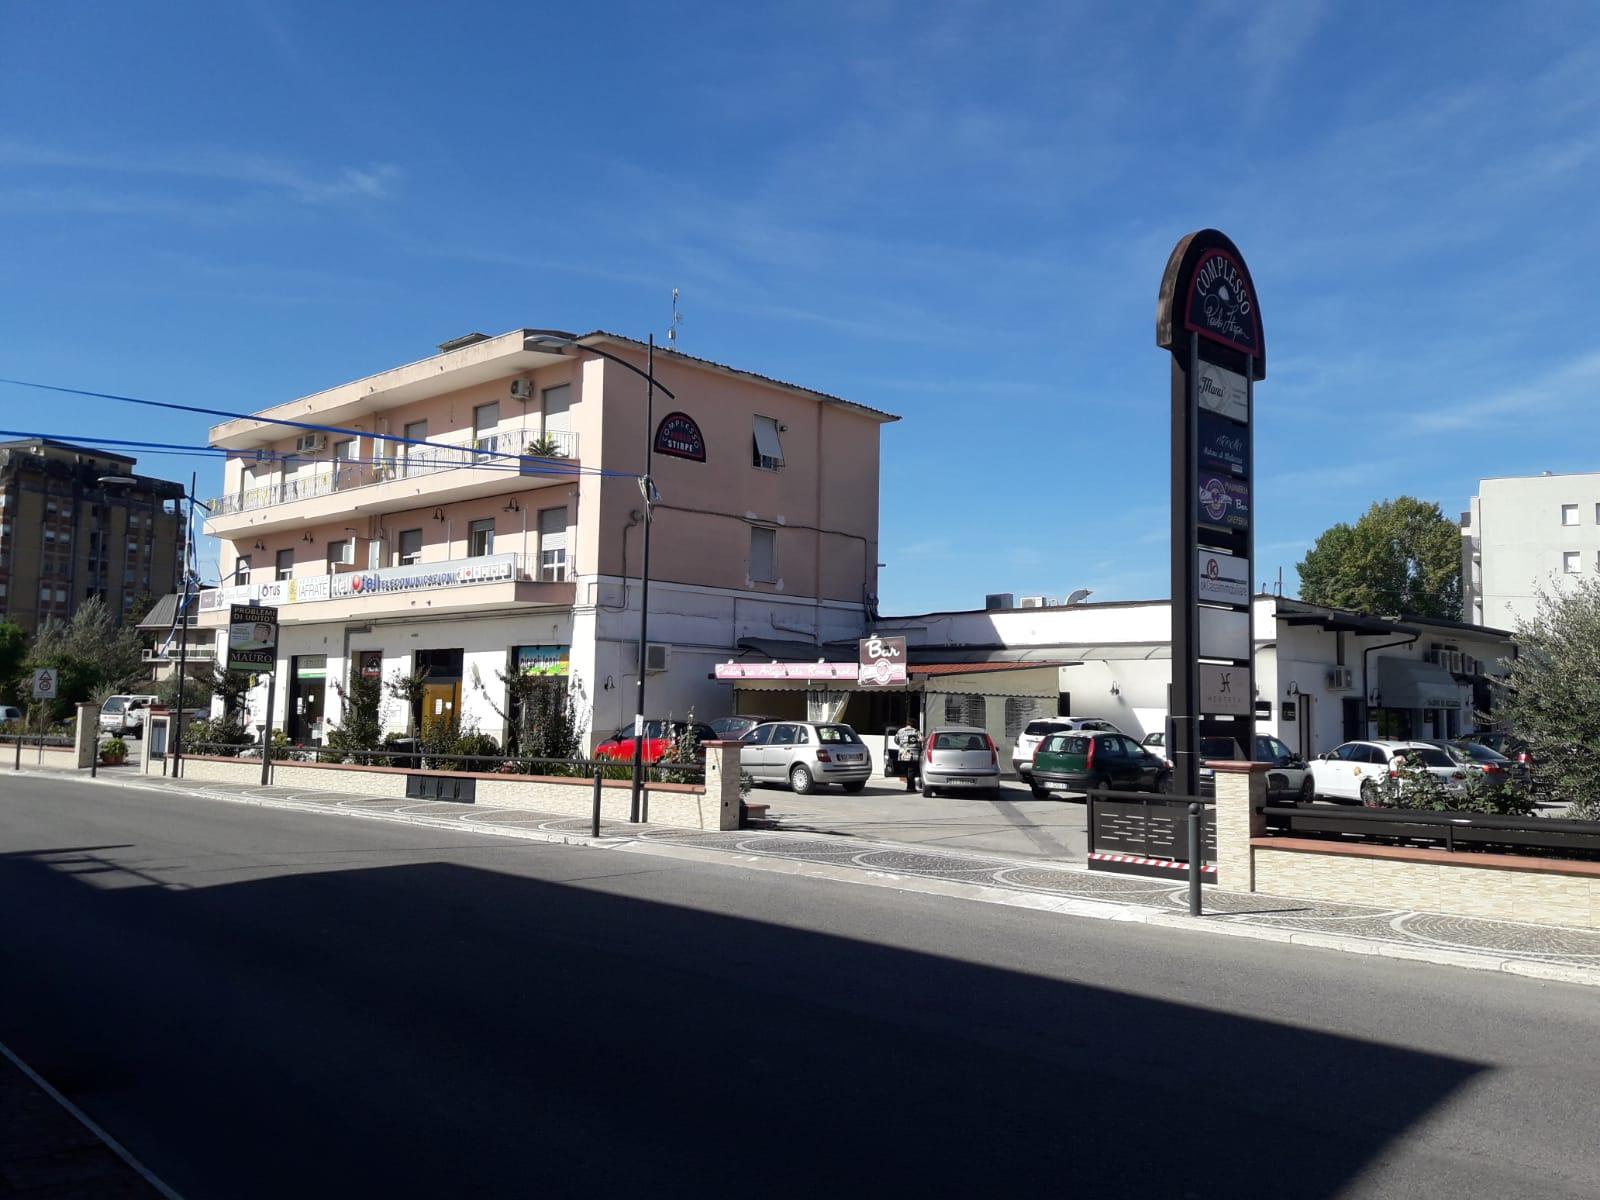 Negozio / Locale in affitto a Frosinone, 9999 locali, prezzo € 500   CambioCasa.it